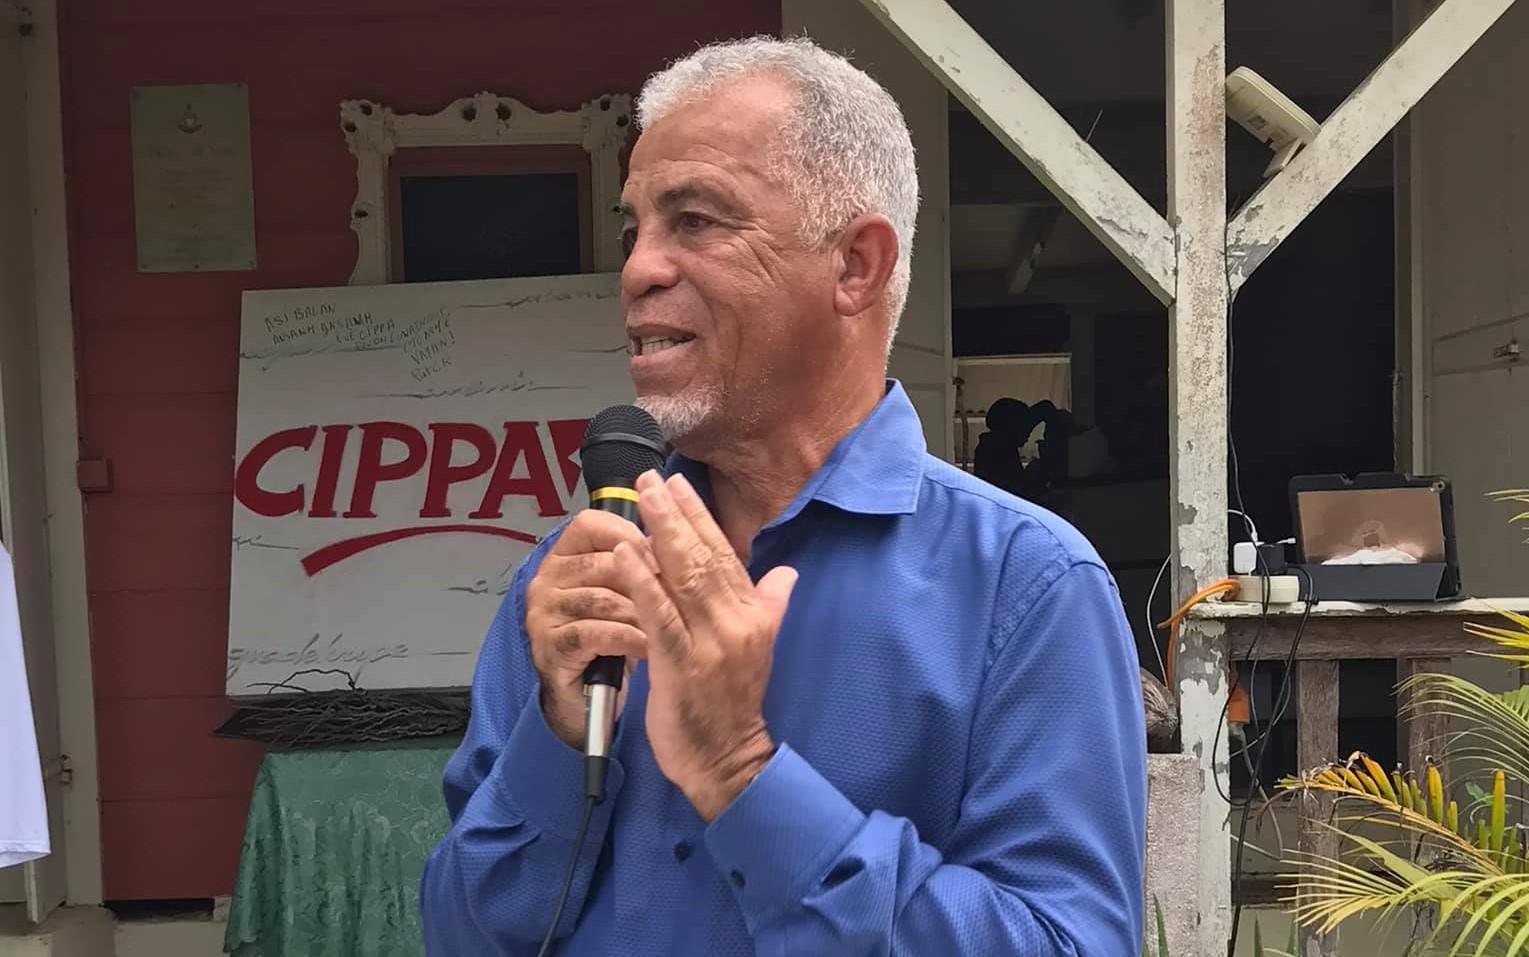 Alain Plaisir, tête de liste du CIPPA aux élections régionales